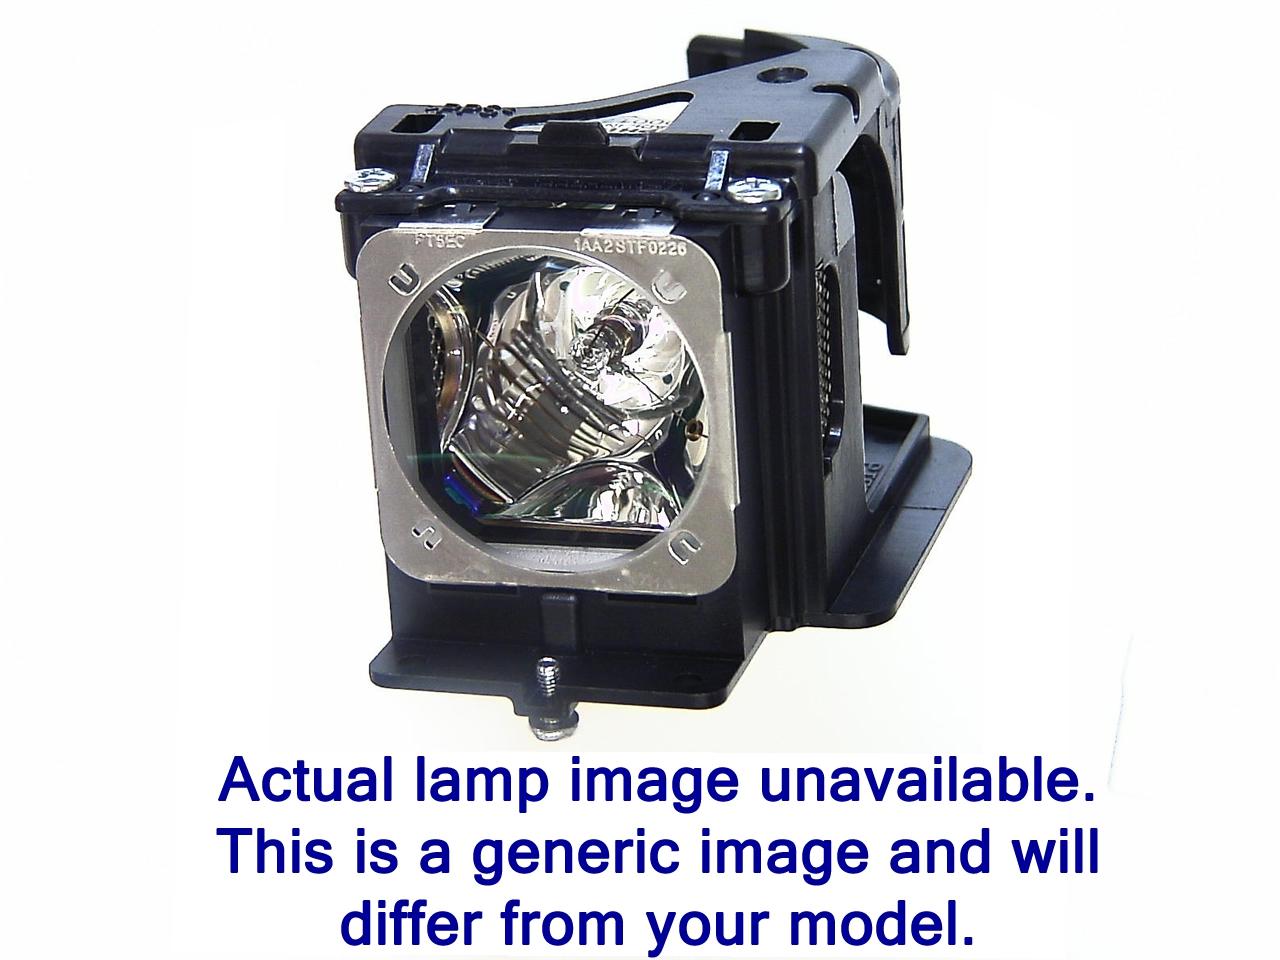 Lámpara BARCO FLM R22+ (refurbished)